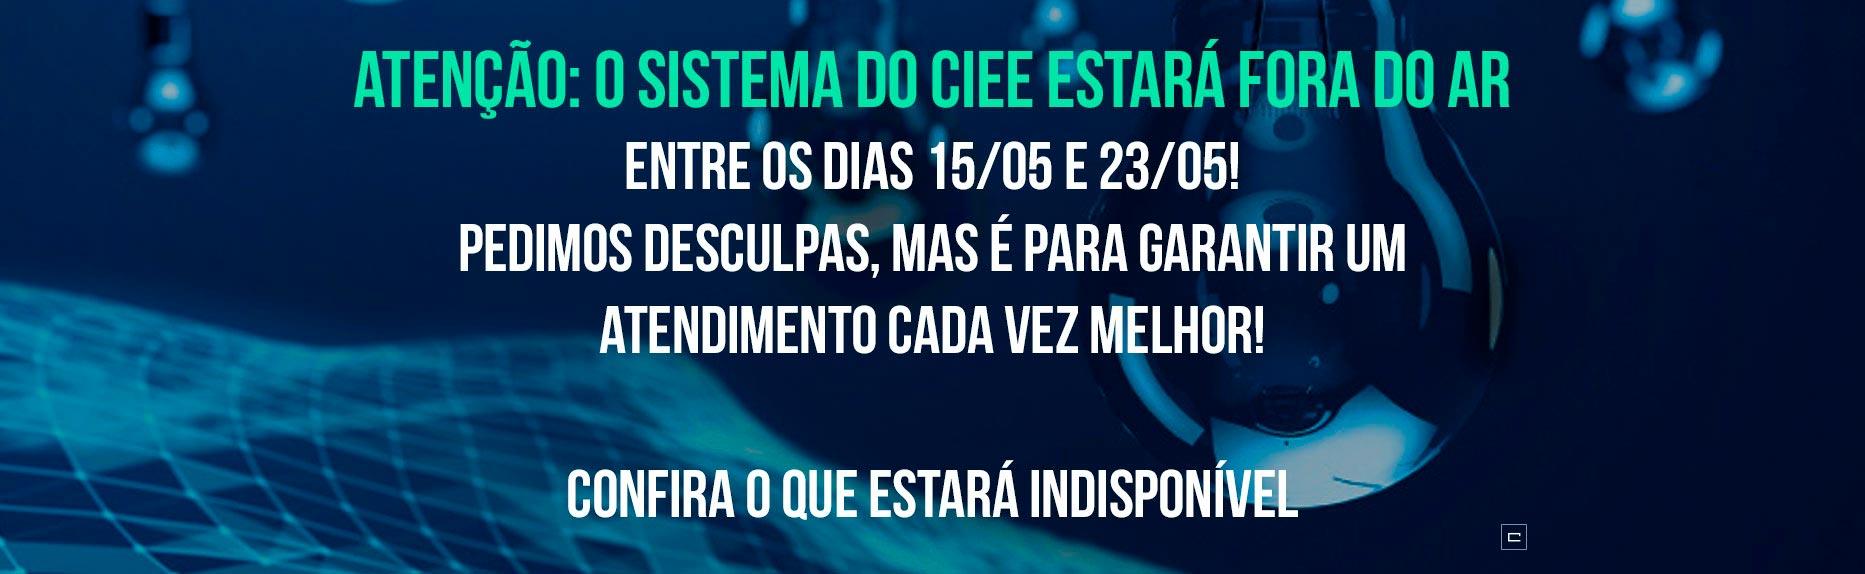 Atenção: O sistema do CIEE estará fora do ar entre os dias 15/05 e 23/05! Pedimos desculpas, mas é para garantir um atendimento cada vez melhor! Confira o que estará indisponível